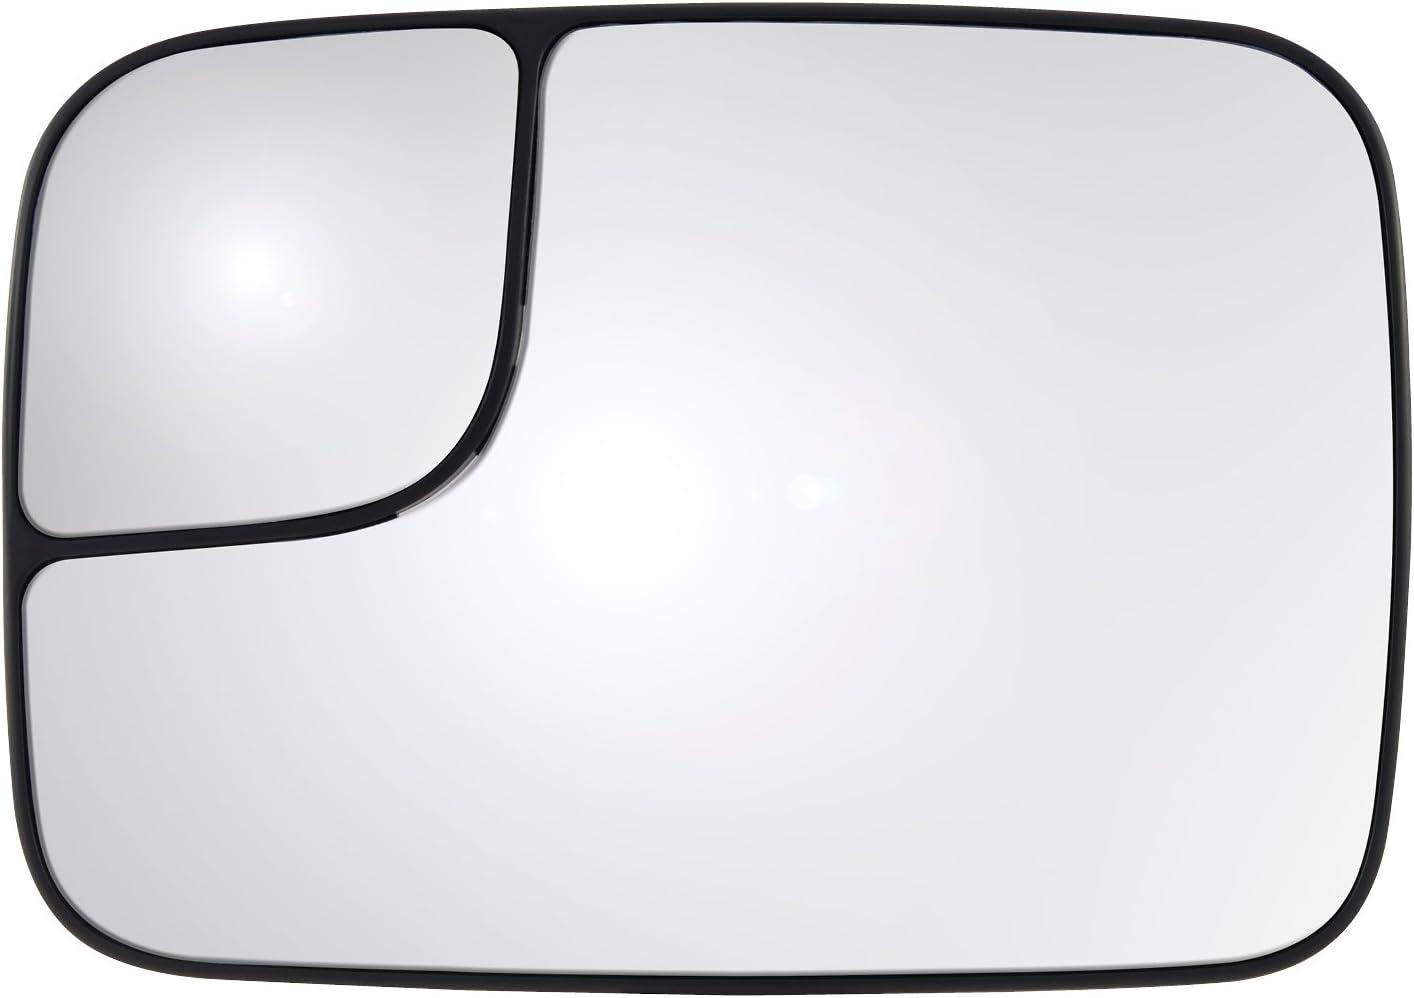 OE Replacement Door Mirror Save money Glass PICKUP Sale SALE% OFF DODGE RAM1500